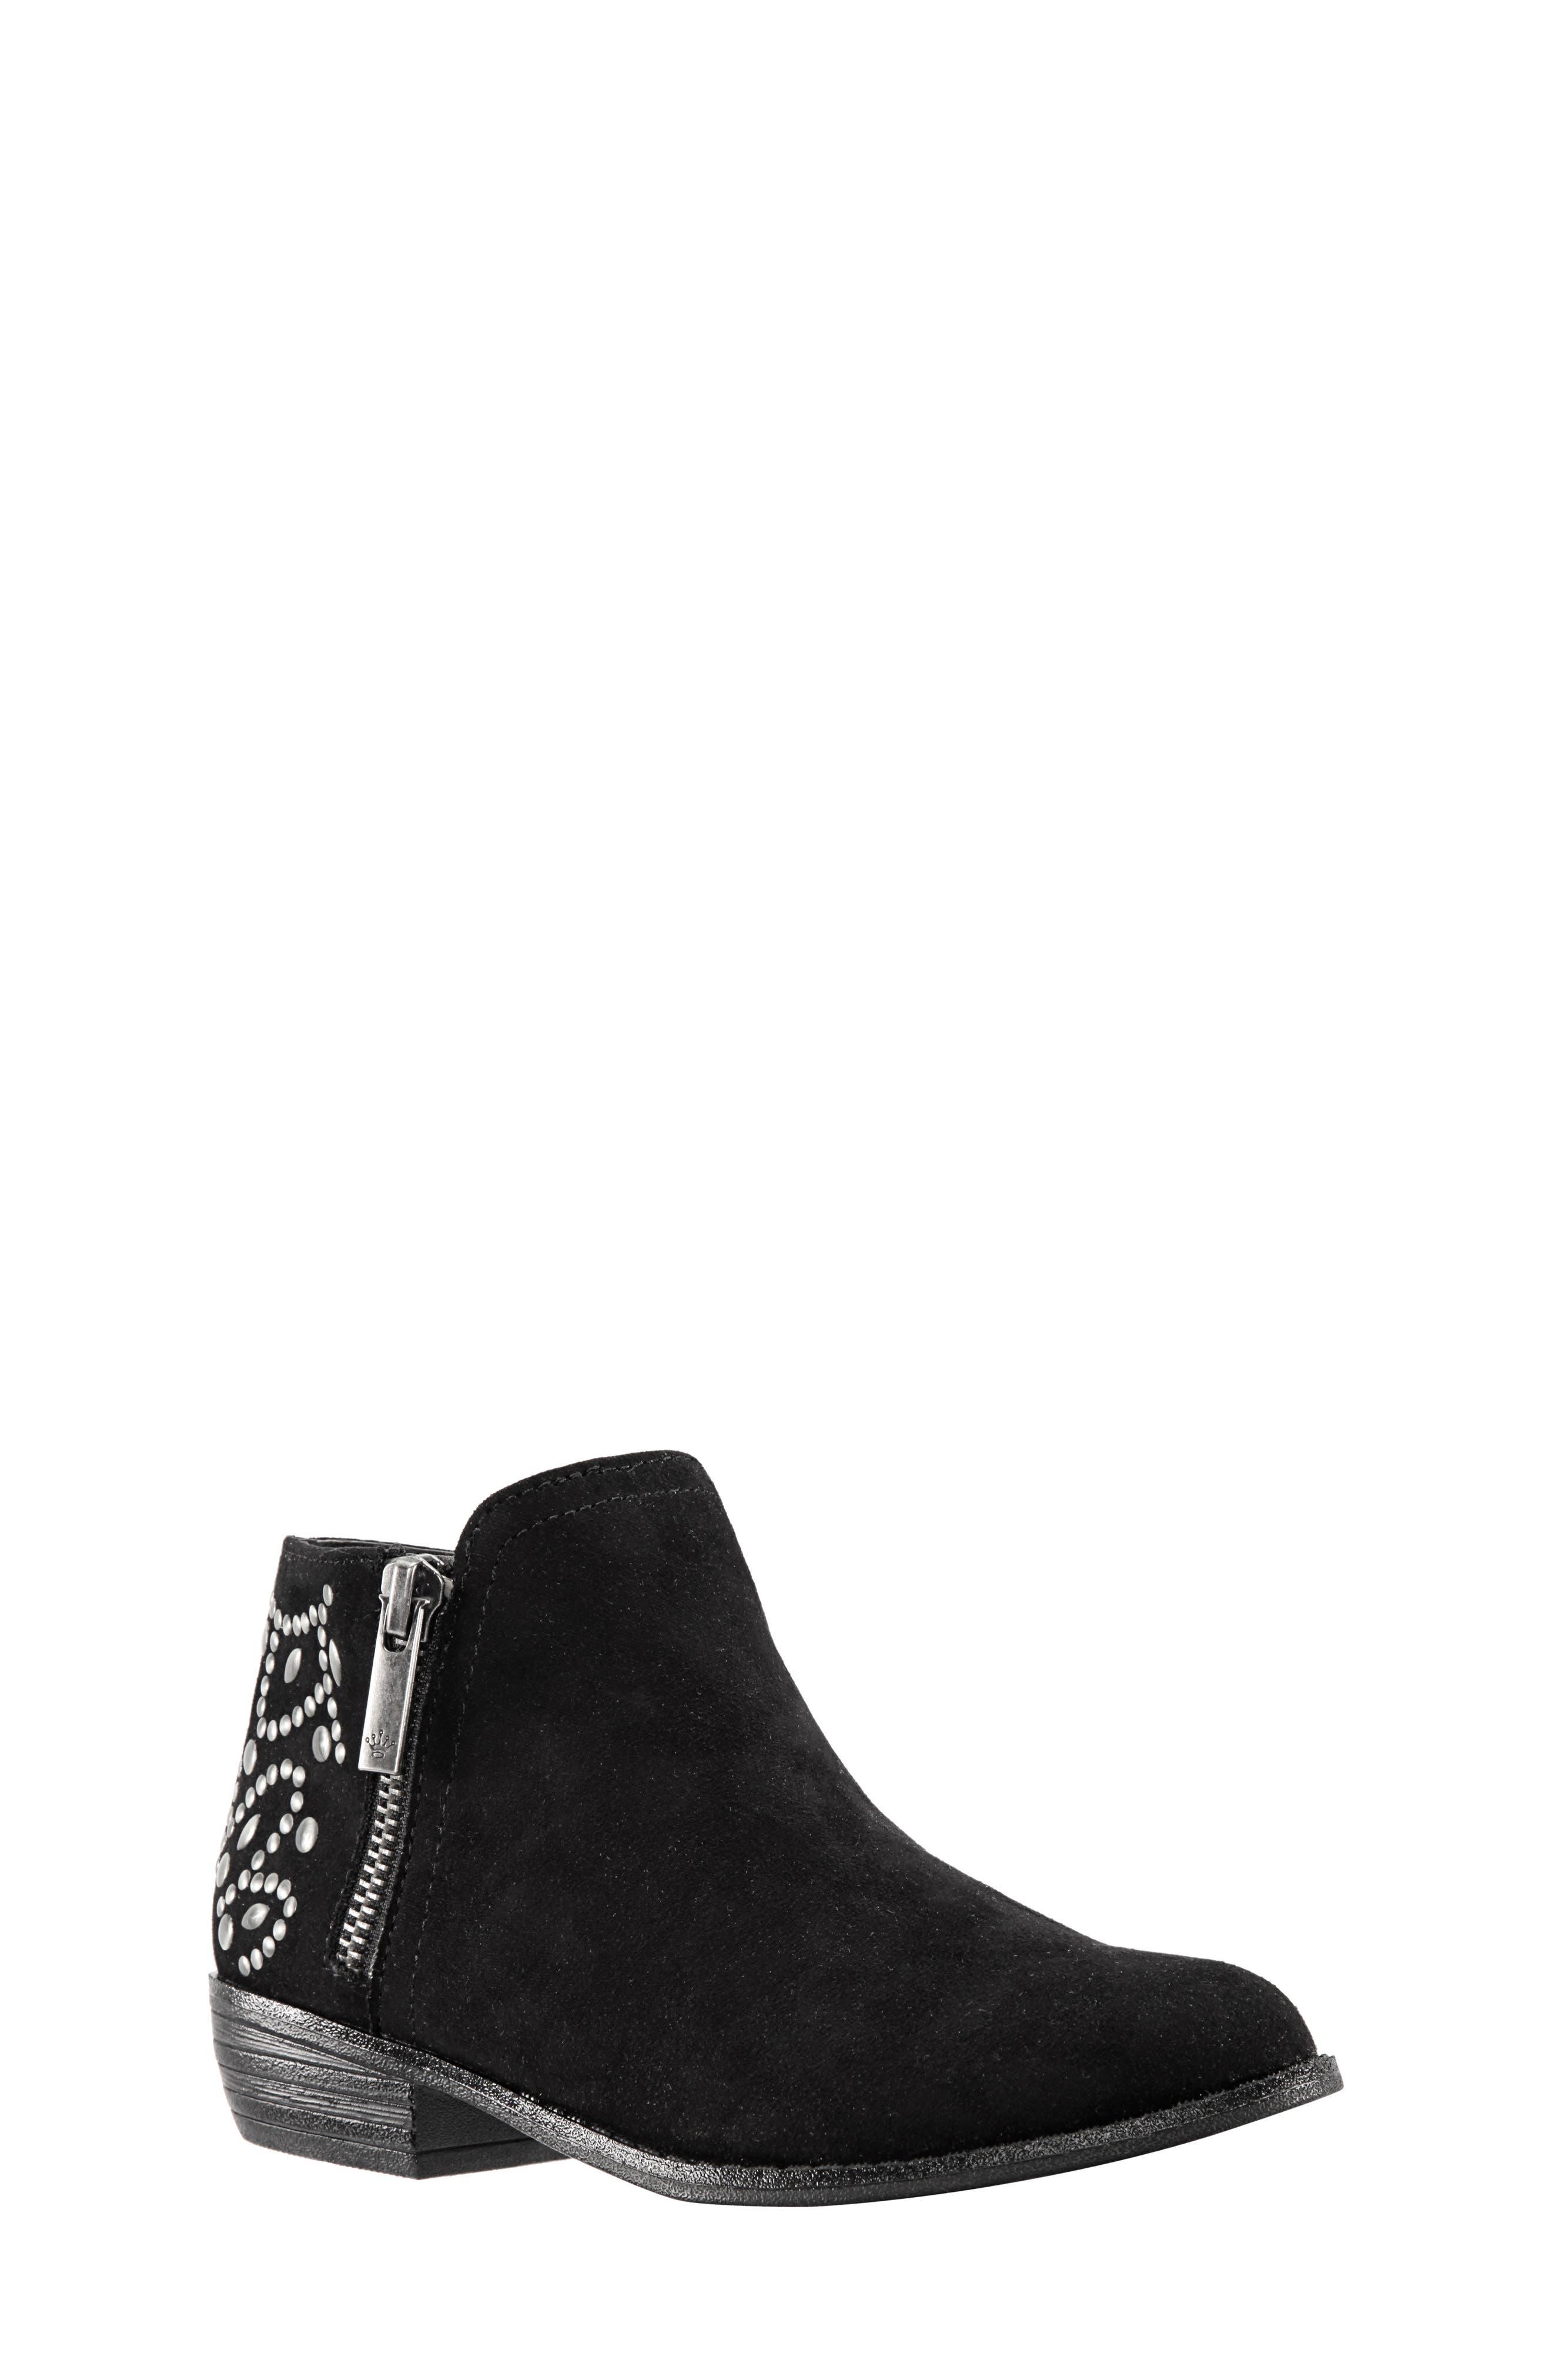 Destany Block Heel Bootie,                         Main,                         color, BLACK MICRO SUEDE